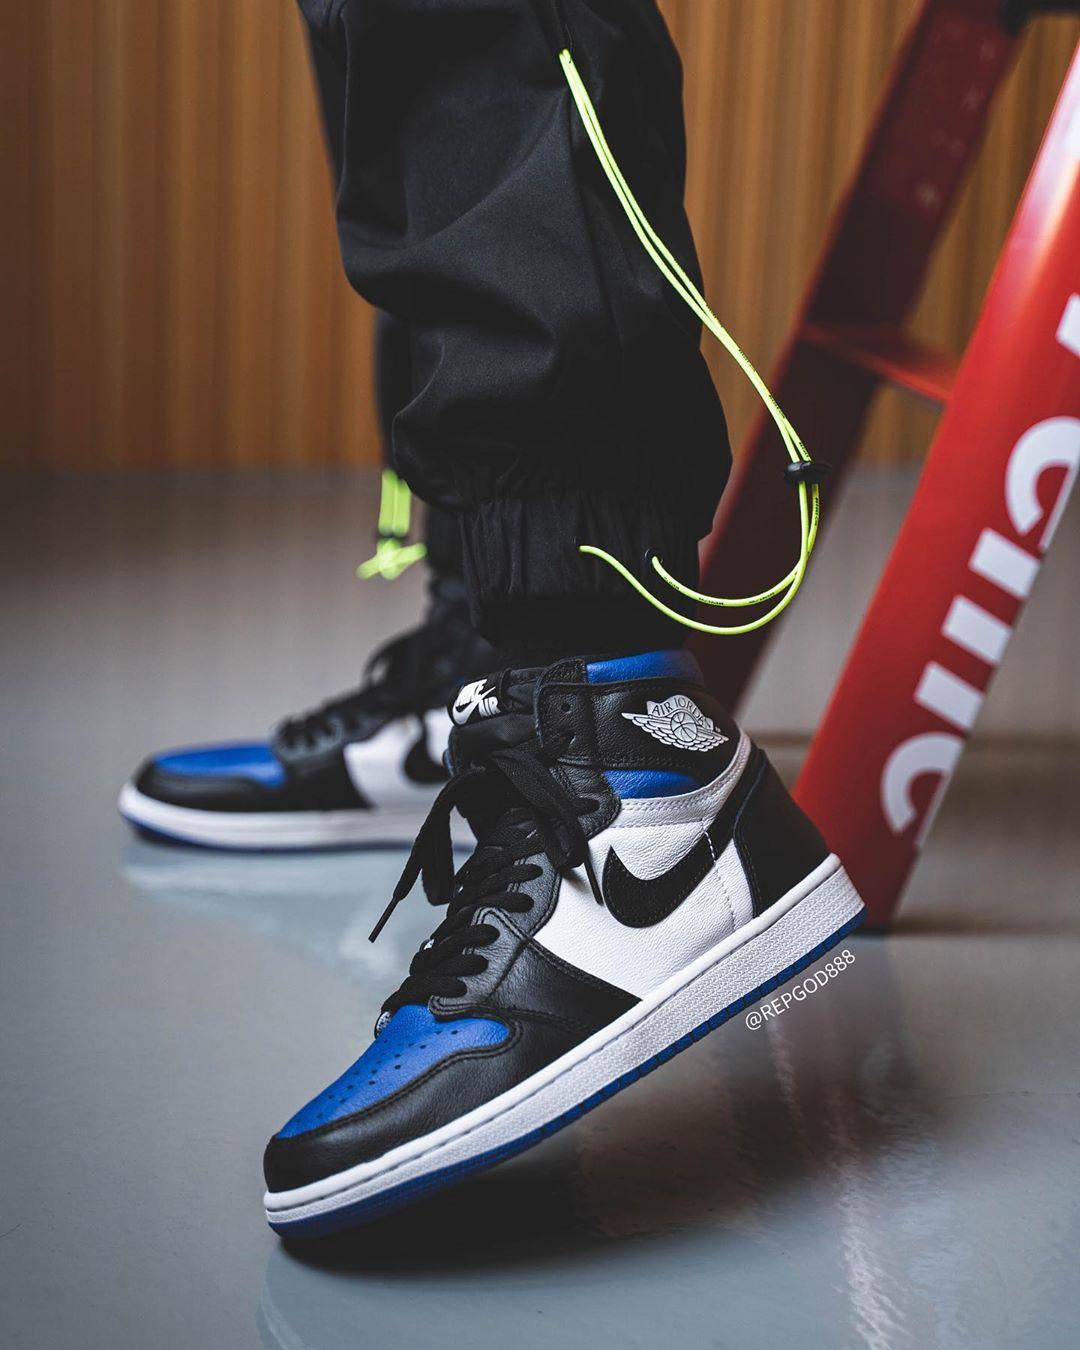 AJ1,Air Jordan 1,555088-041,发售 黑蓝脚趾 AJ1 五月发售!想好怎么配鸳鸯了吗?